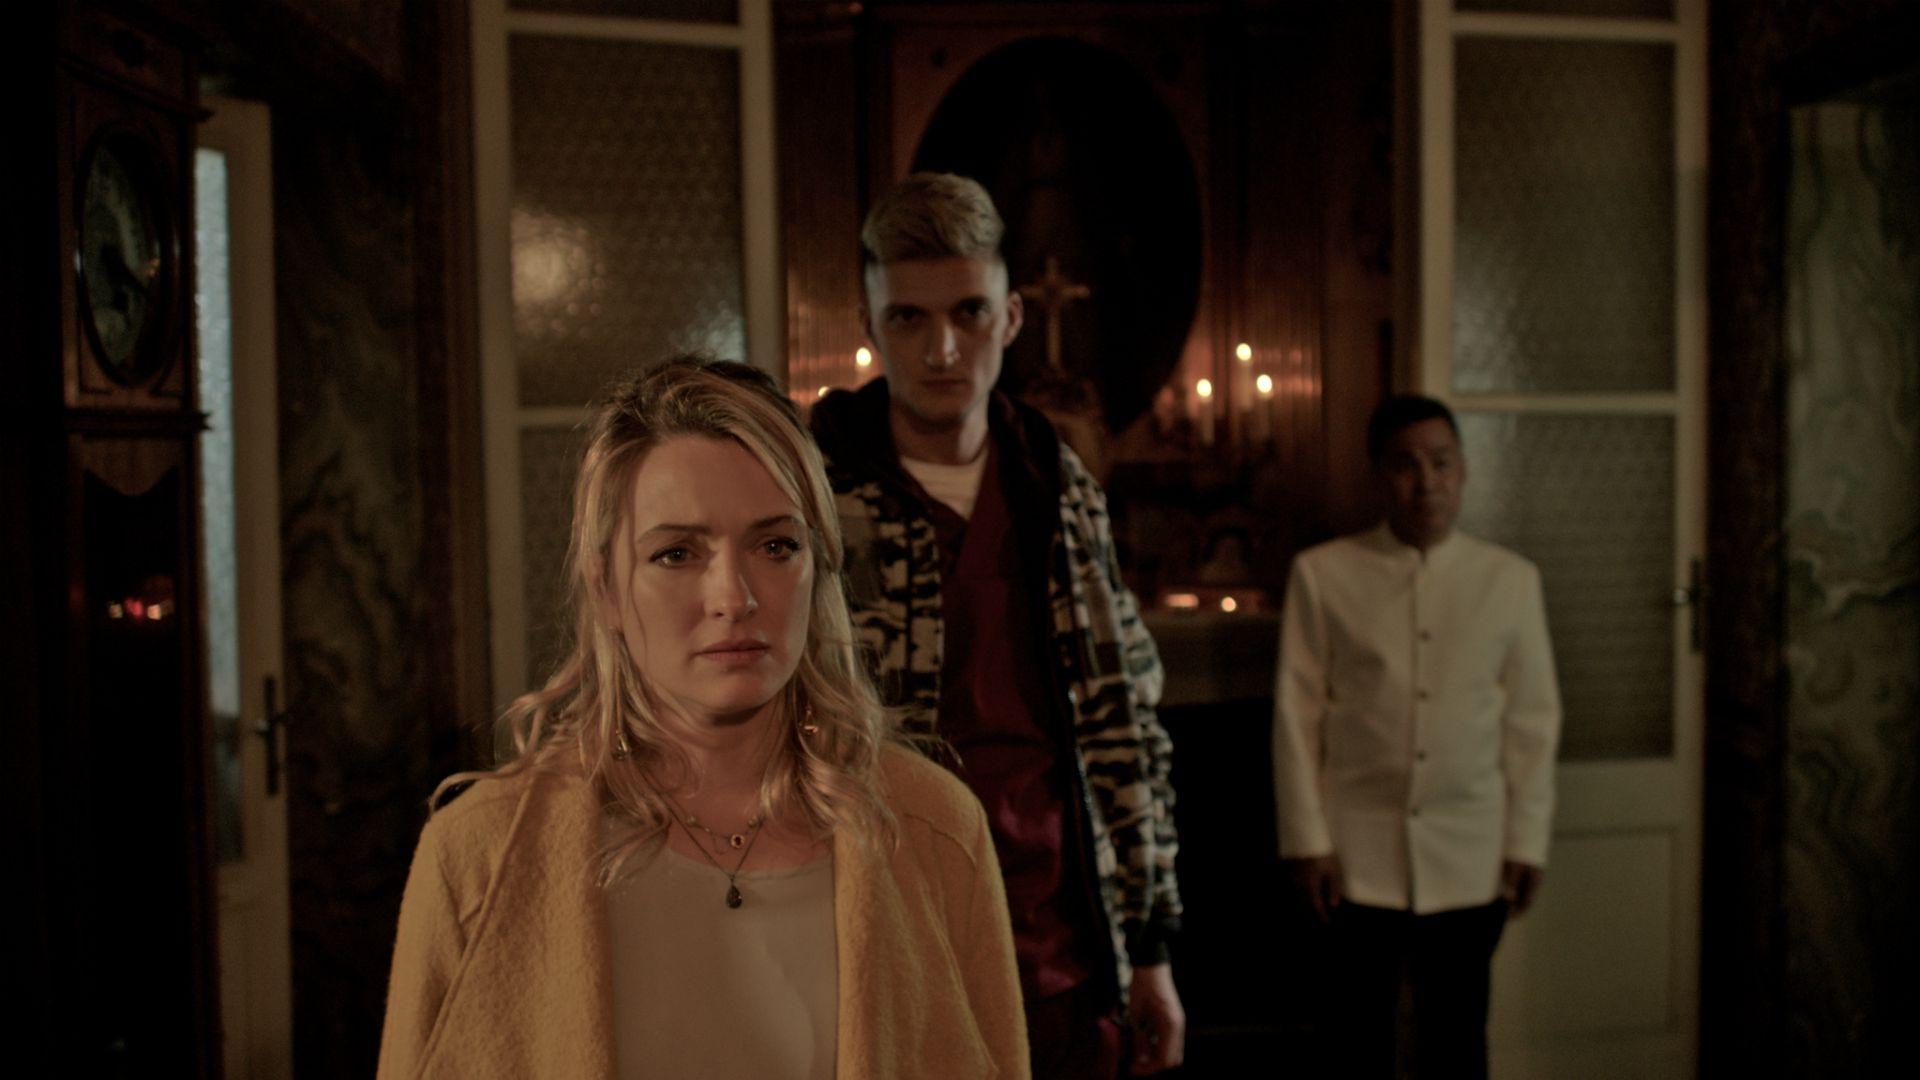 Letto N 6 Trama Cast E Streaming Del Film In Onda Su Sky Cinema 1